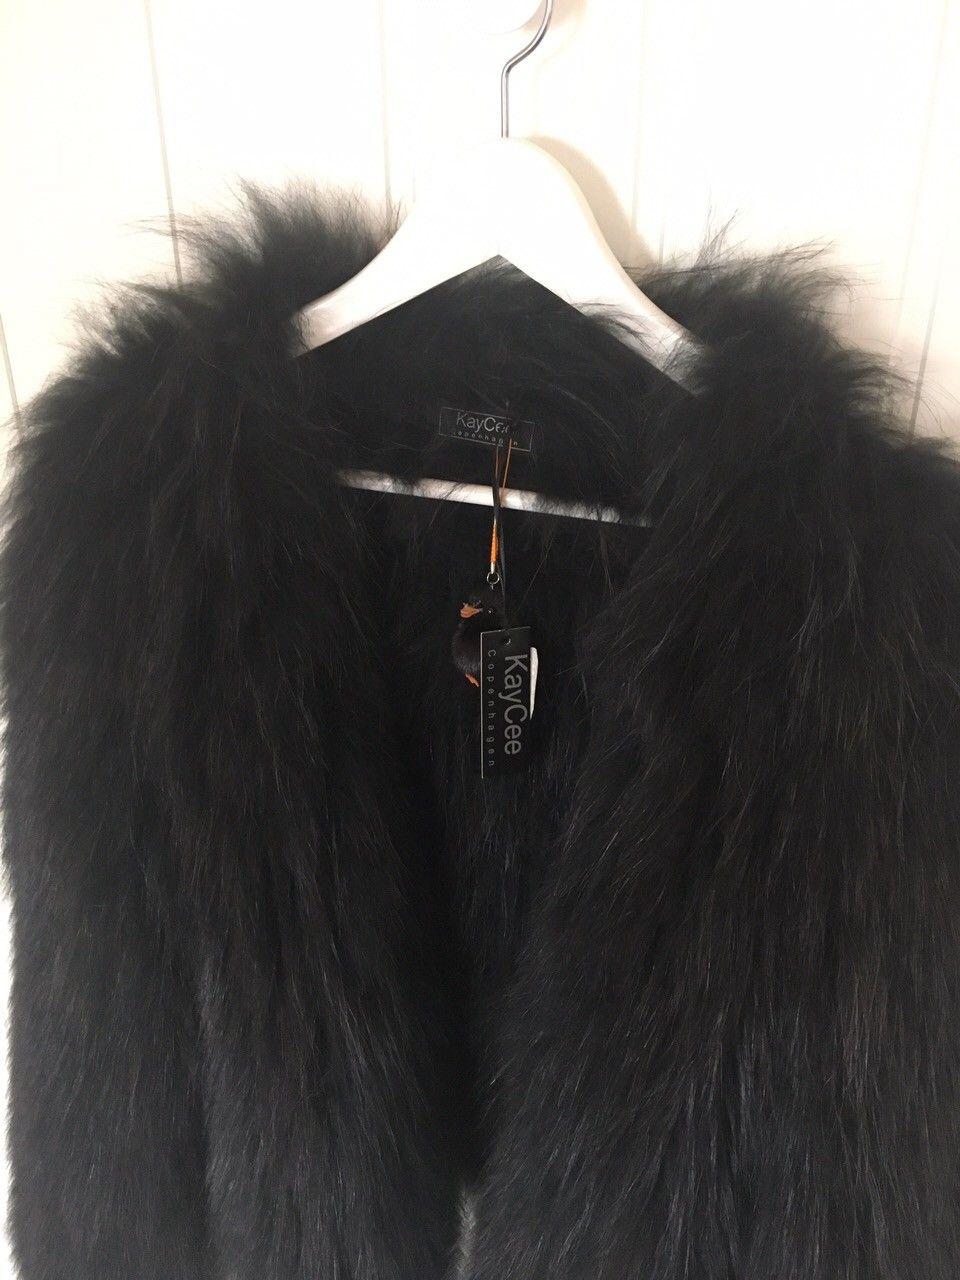 KayCee Copenhagen Cute jacket M/L - Jakobsli  - Selger min helt nye og ubrukte Cute-jacket fra KayCee Copenhagen, i sort.  Kjøpt hos Bello i Trondheim april 2017, å bare hengt til pynt etter.   Det var den siste de hadde i sort så jeg fikk 30% avslag på den da, koster egentlig 6998k - Jakobsli